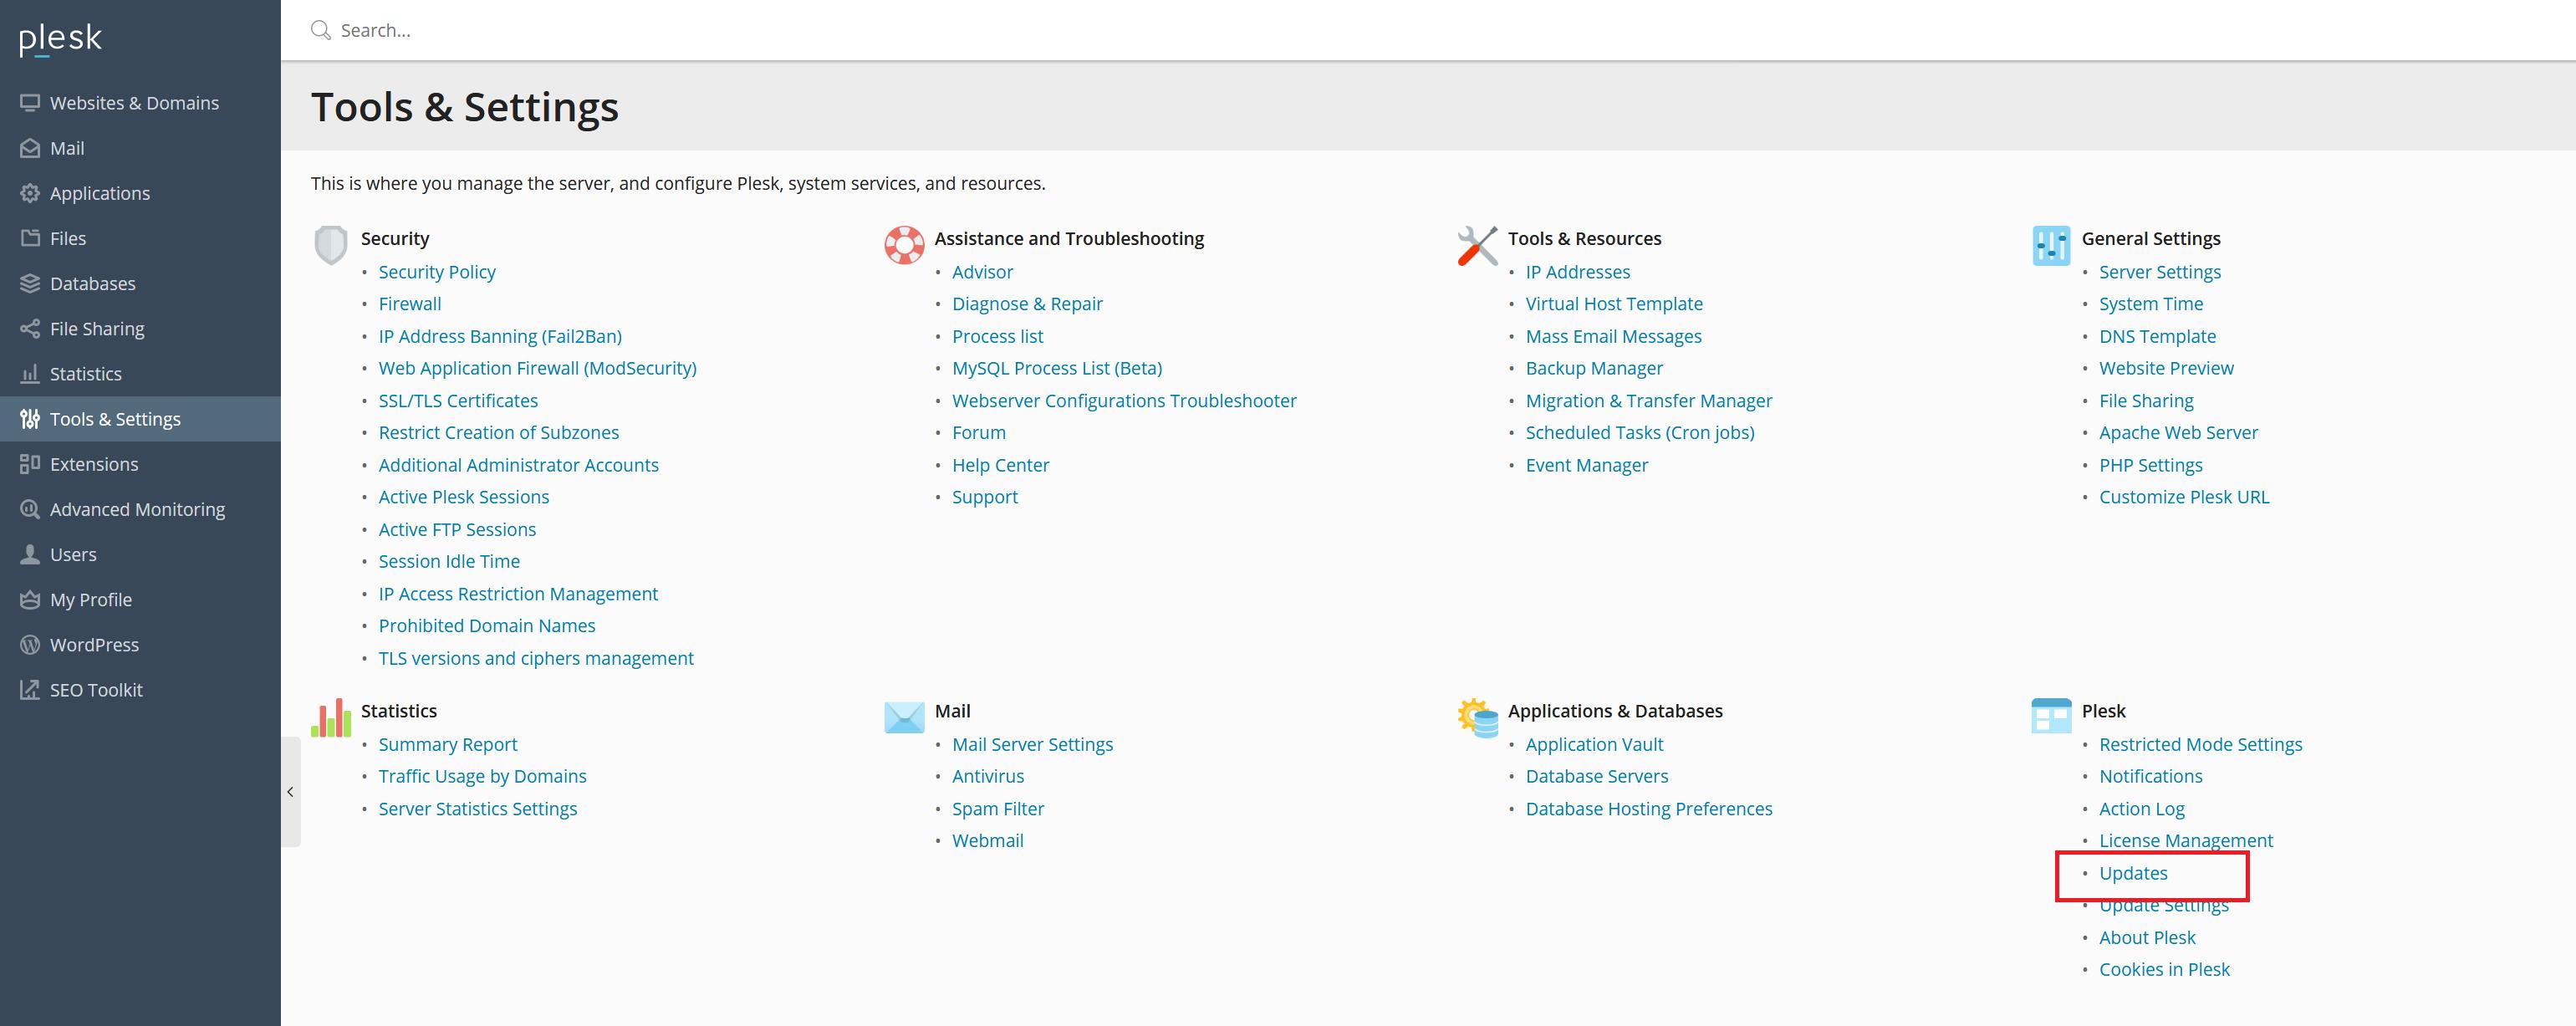 plesk tools and settings plesk updates